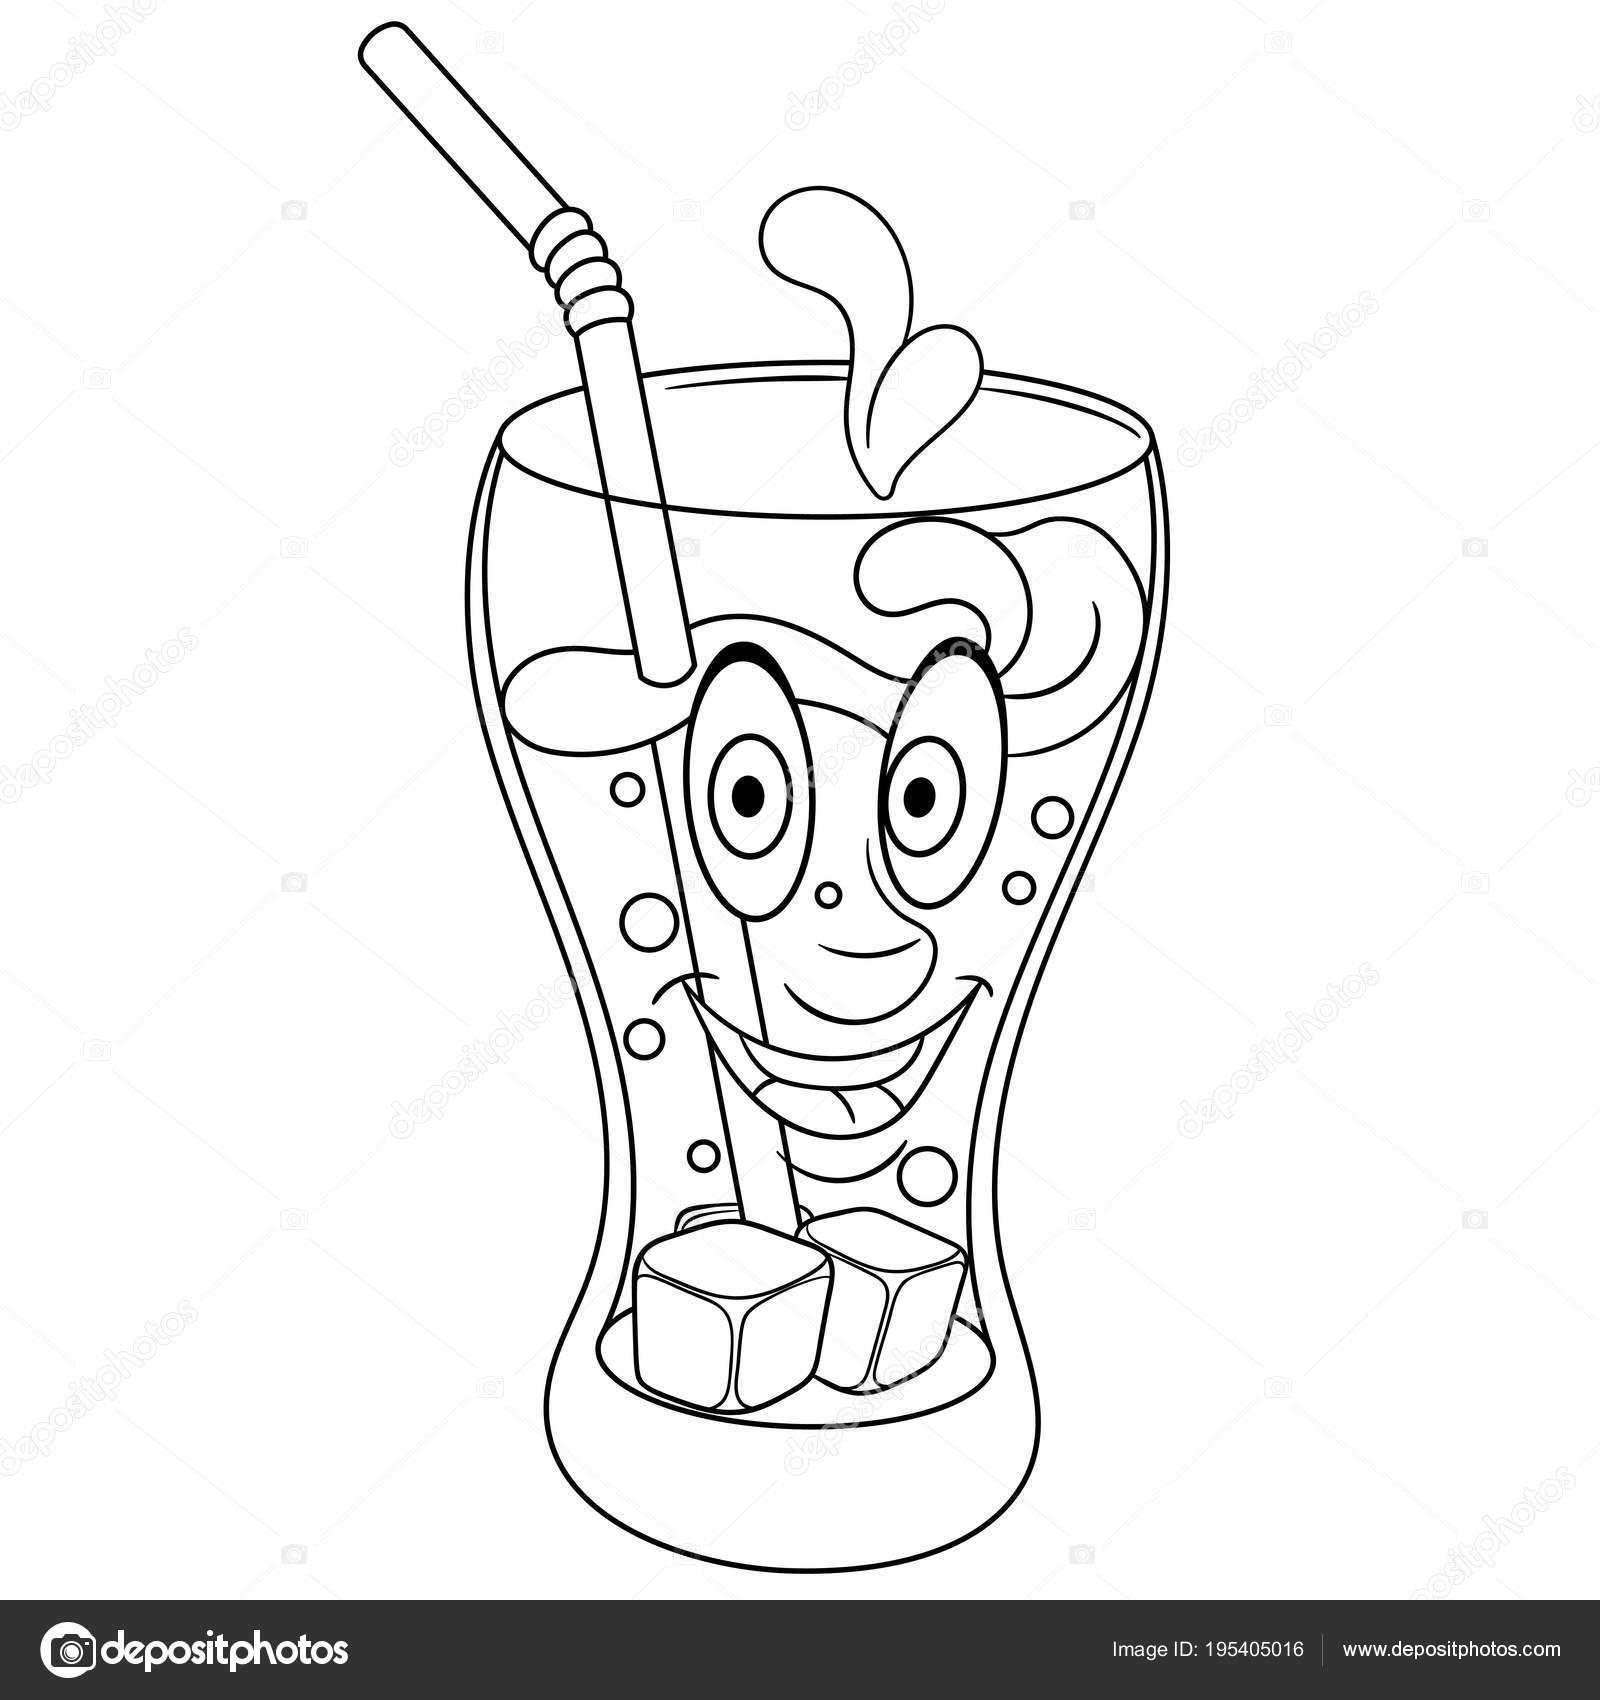 Boyama Kitabı Boyama Sayfası Boyama Resim Cola Kupası Stok Vektör